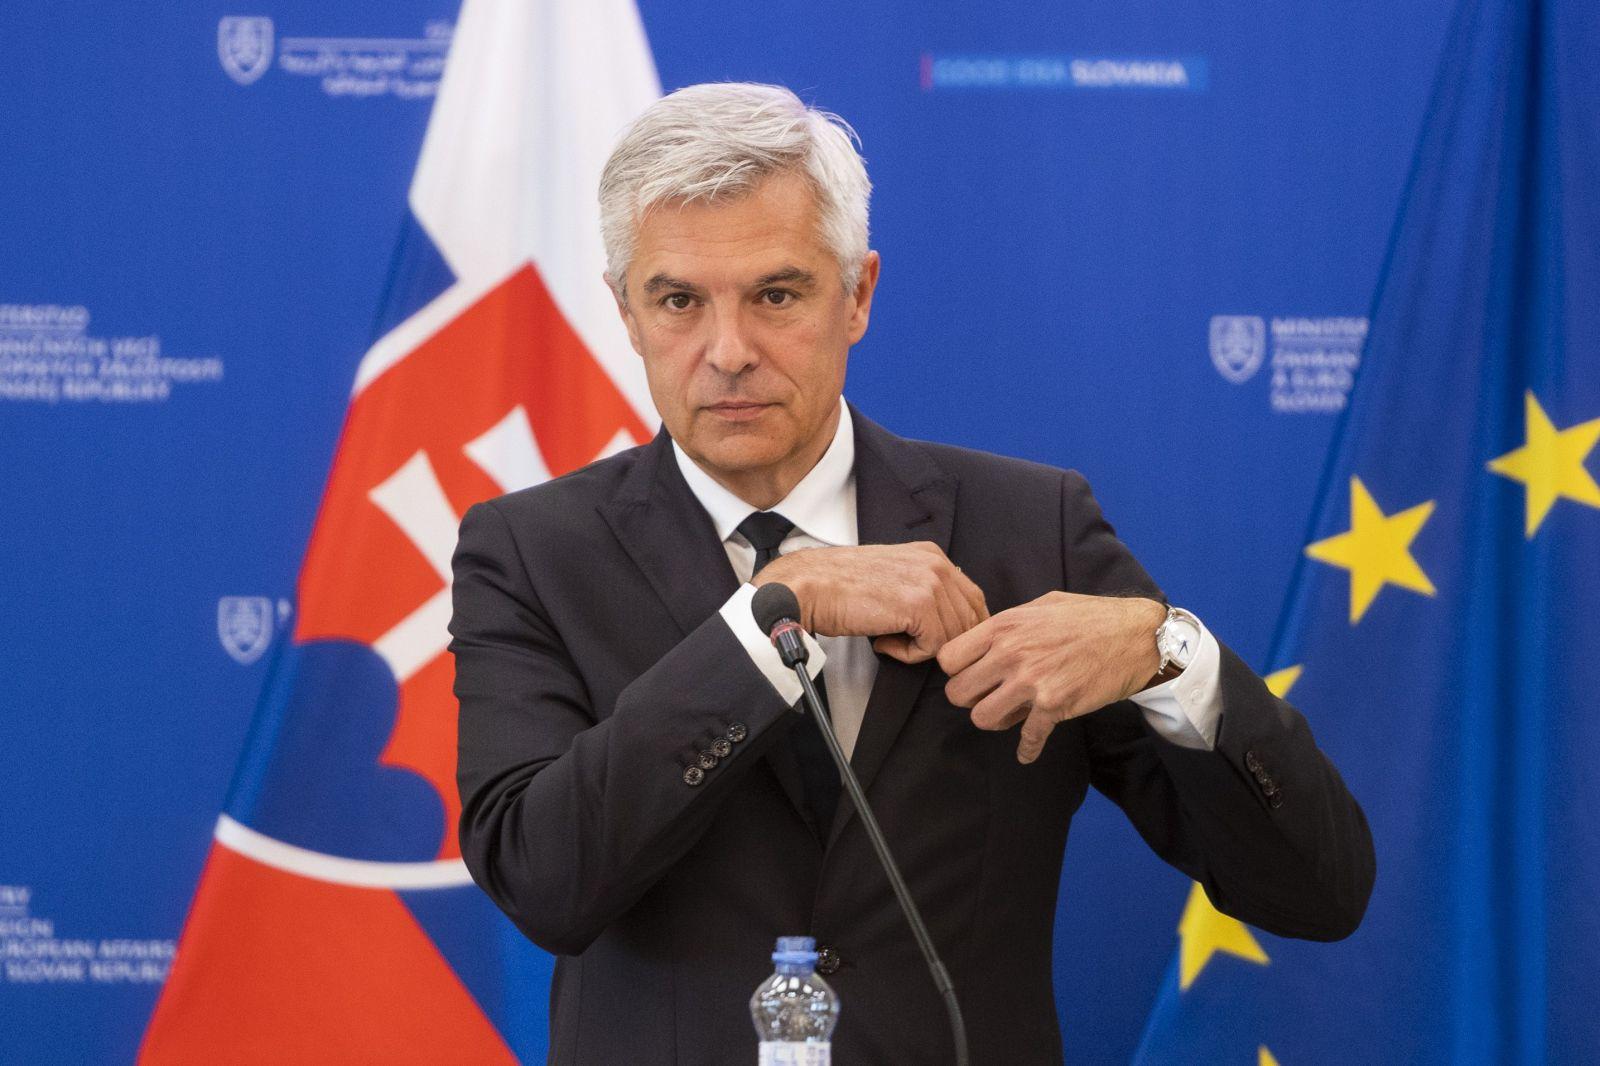 Voľby v Bielorusku boli sfalšované, tvrdí minister zahraničných vecí Korčok. Chce sankciovať predstaviteľov režimu